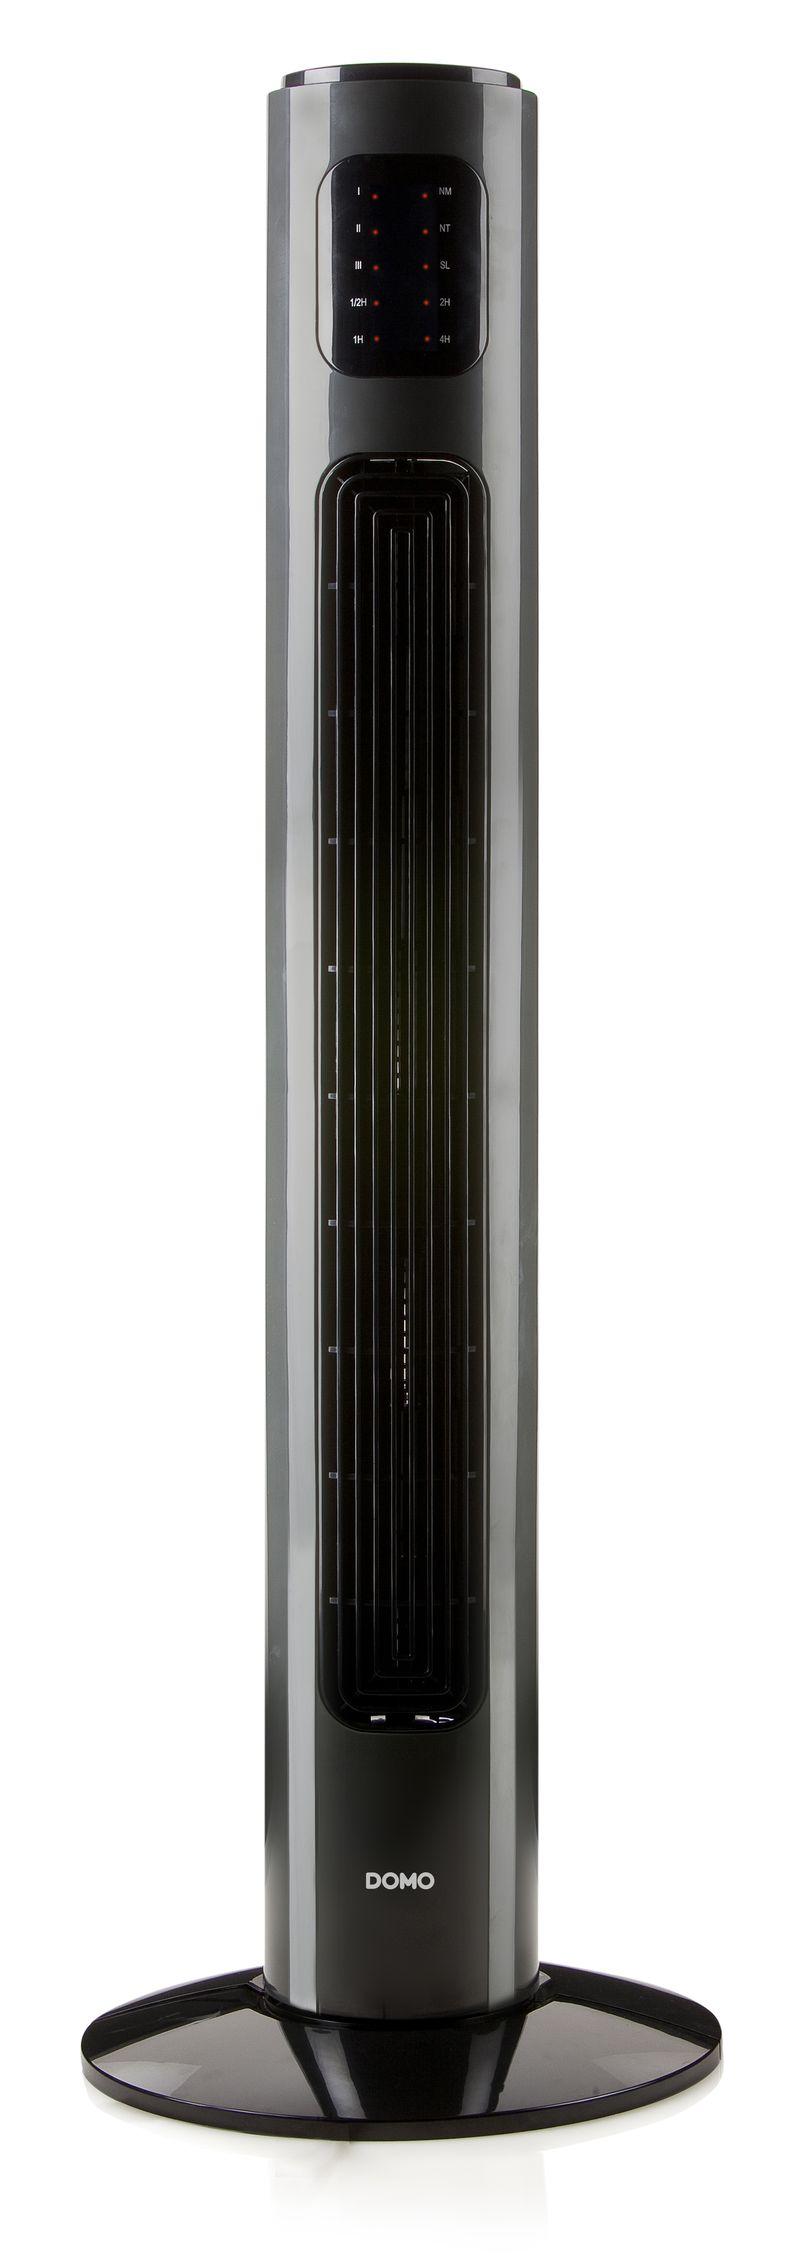 Ventilátor sloupový - s dálkovým ovládáním - DOMO DO8124 + doprava zdarma